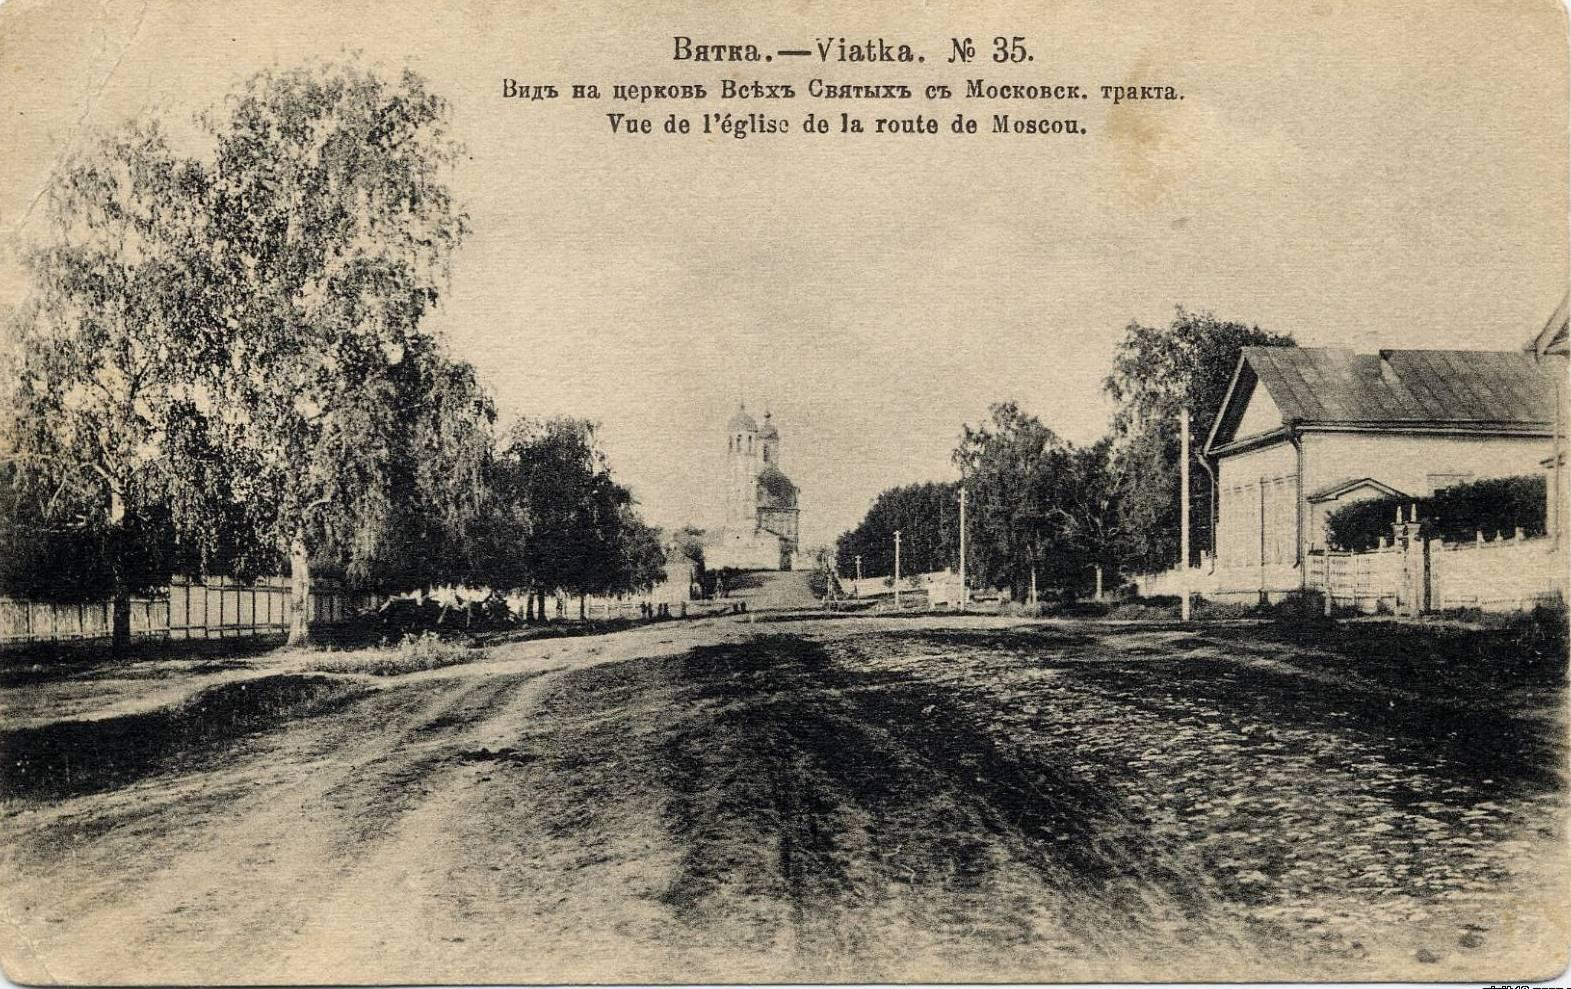 Вид на церковь Всех Святых с Московского тракта